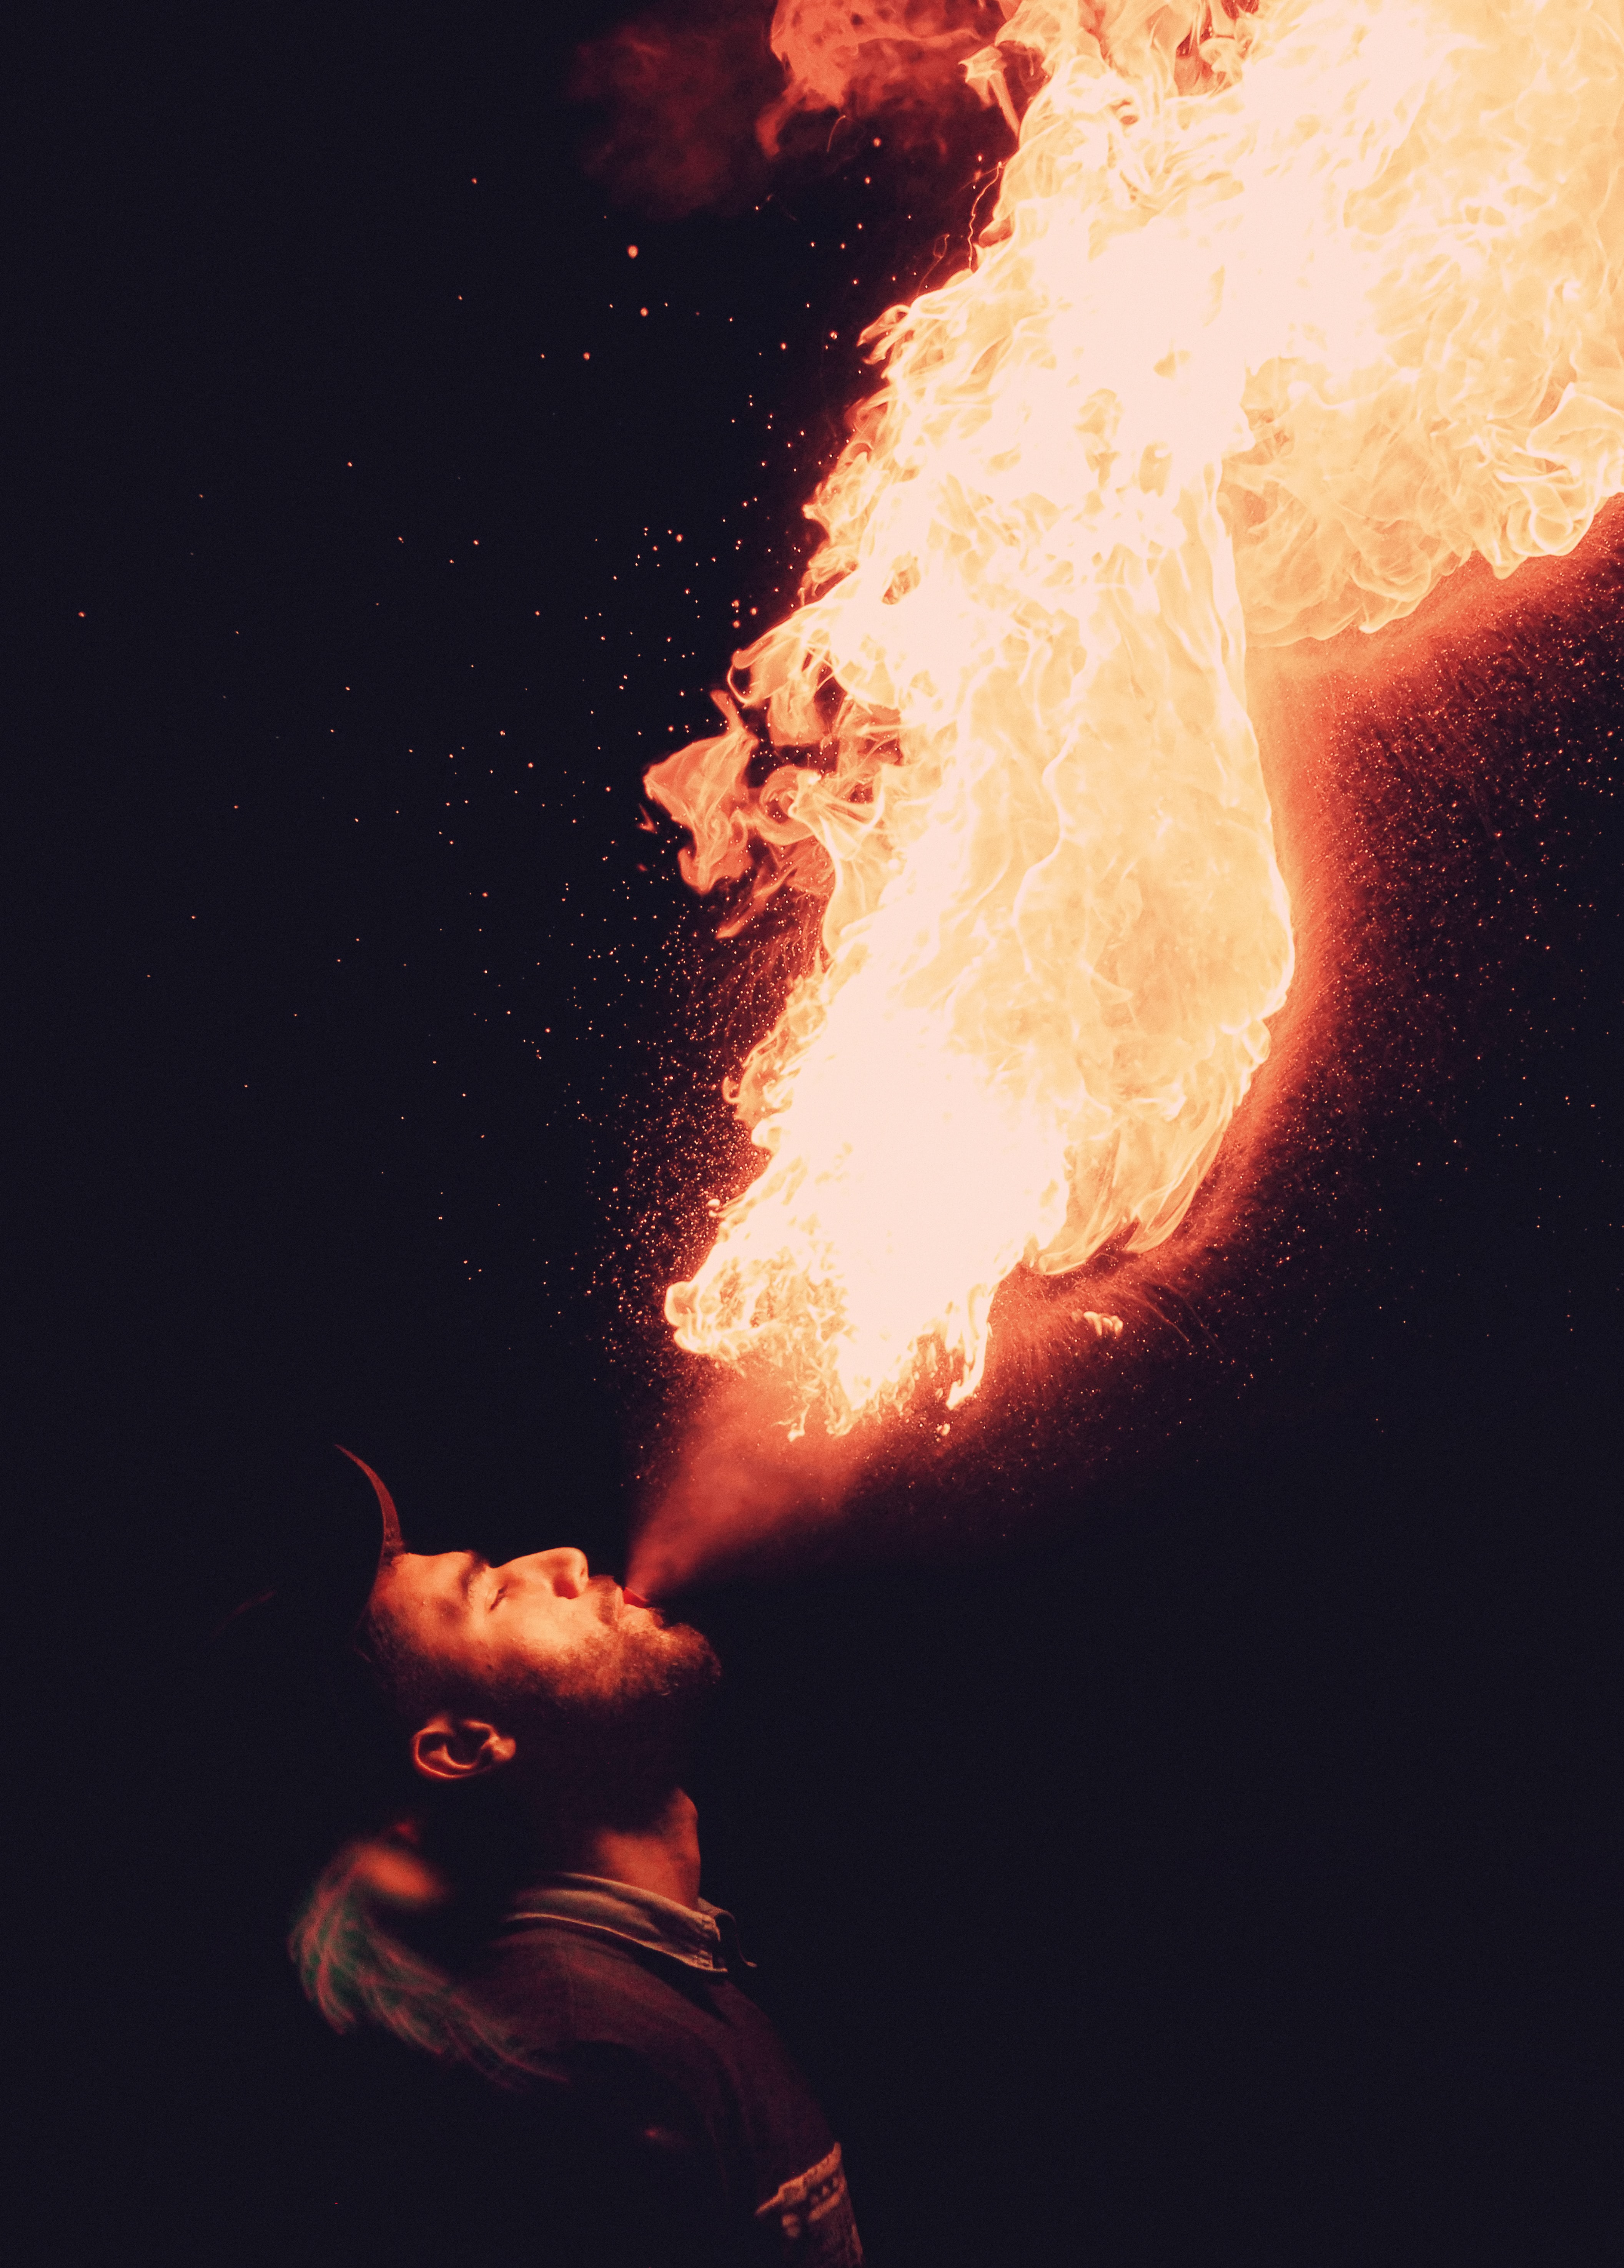 man blowing fire